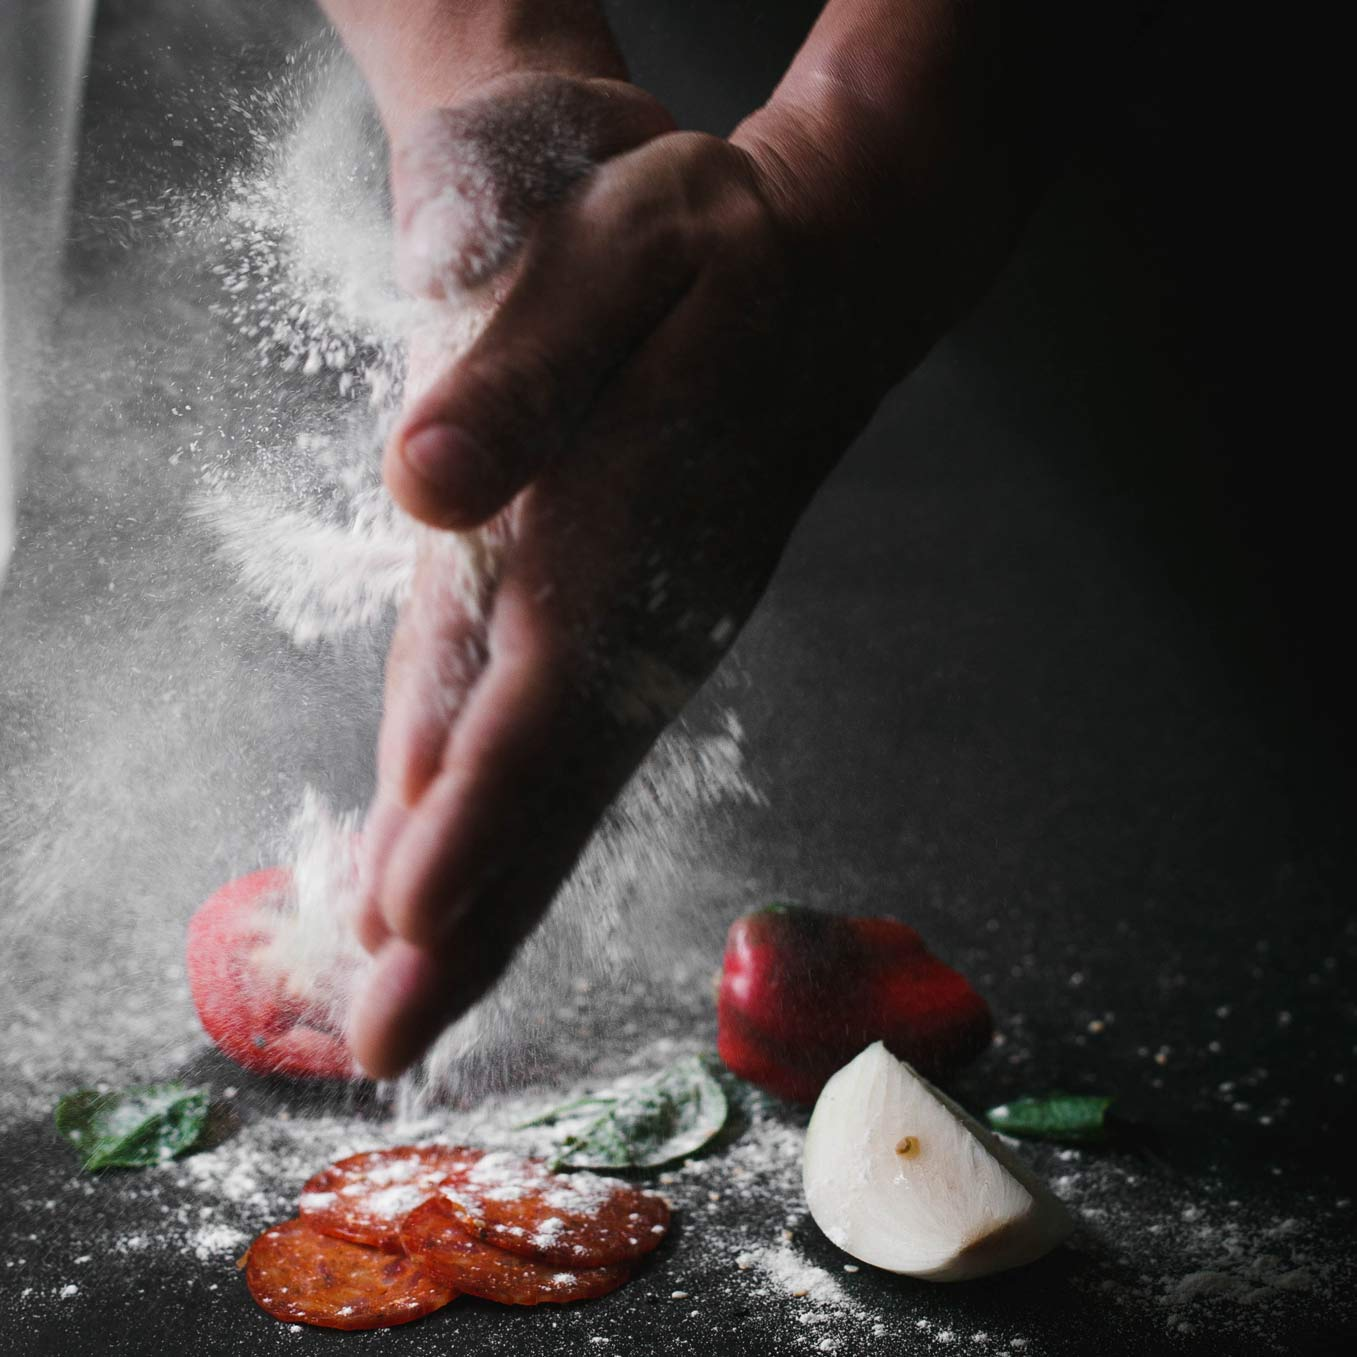 Eine Pizza wird zubereitet